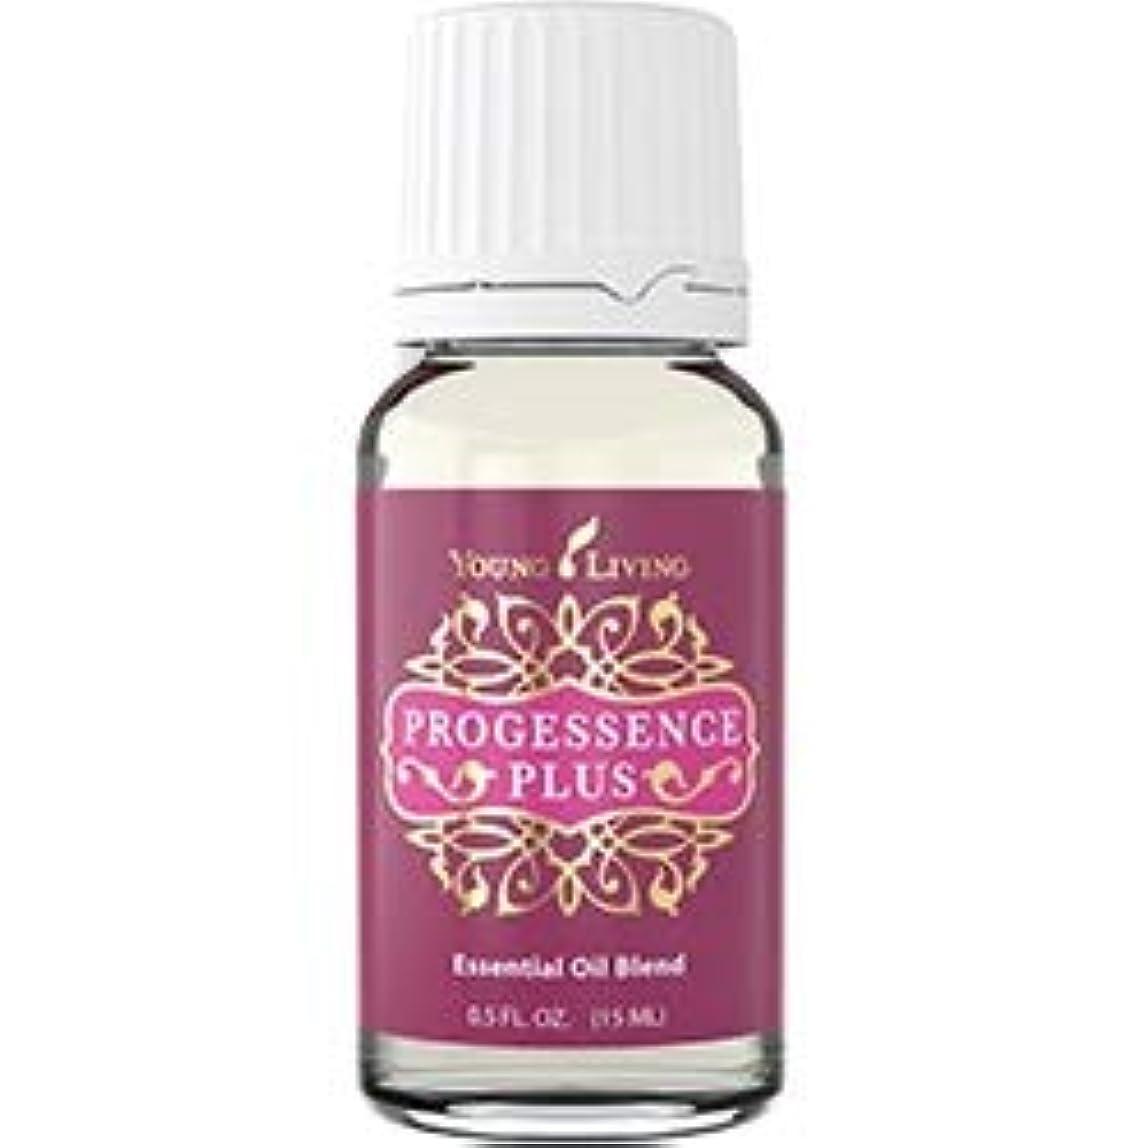 異邦人褒賞ヒロインProgessence Phyto Plus 15ml byヤングリビングエッセンシャルオイル Progessence Phyto Plus 15ml by Young Living Essential Oil